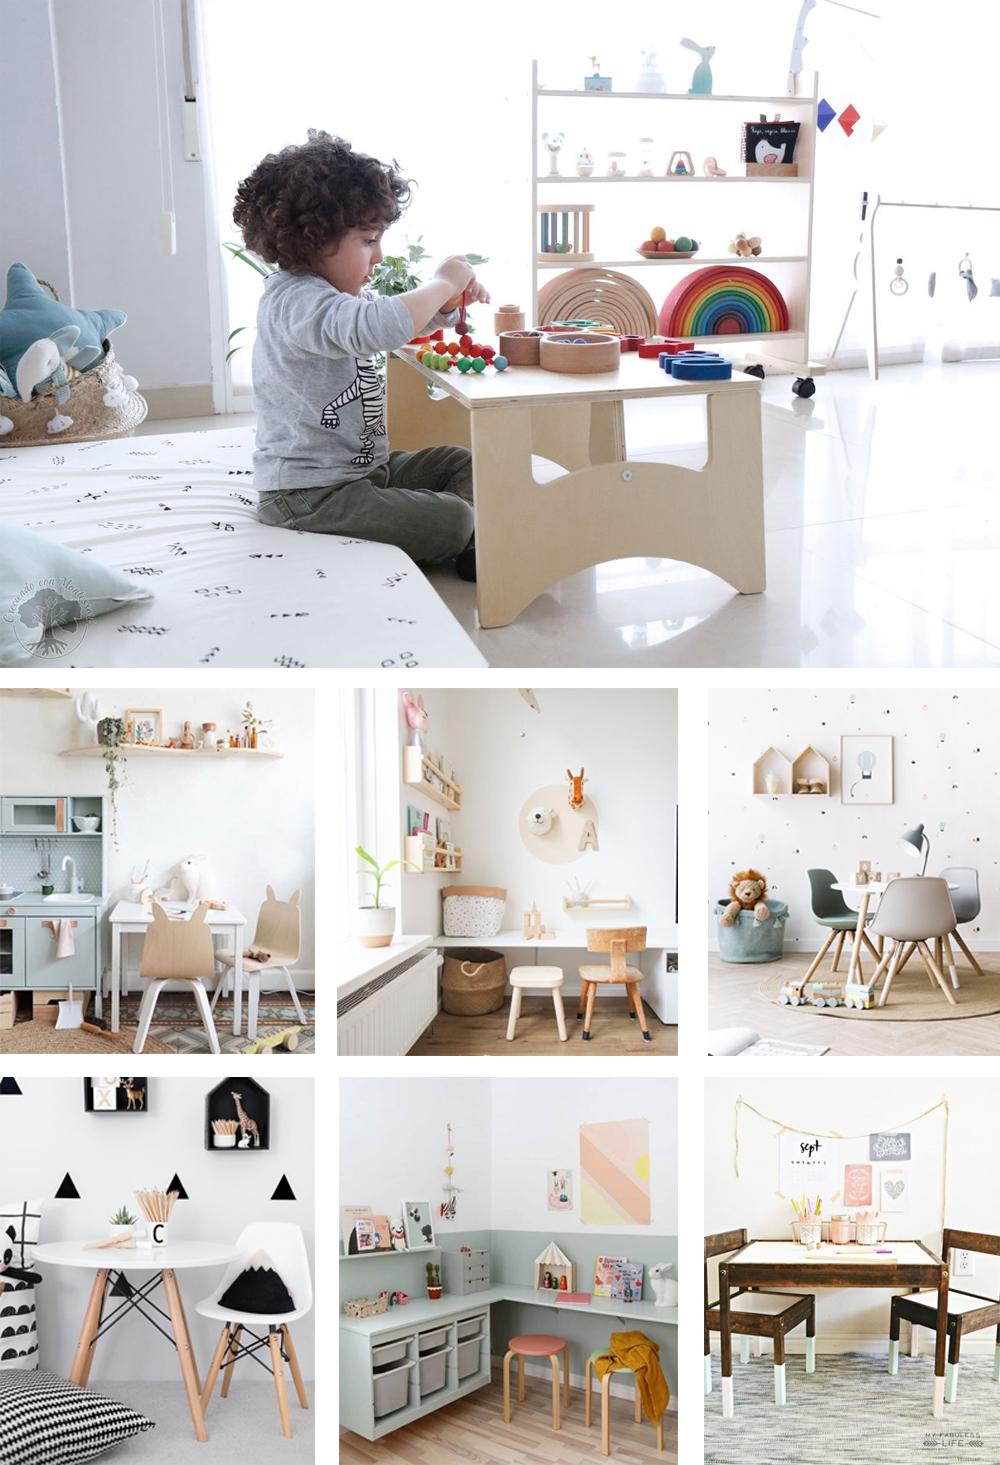 mesa y silla para niños en habitación Montessori de madera natural y económicas